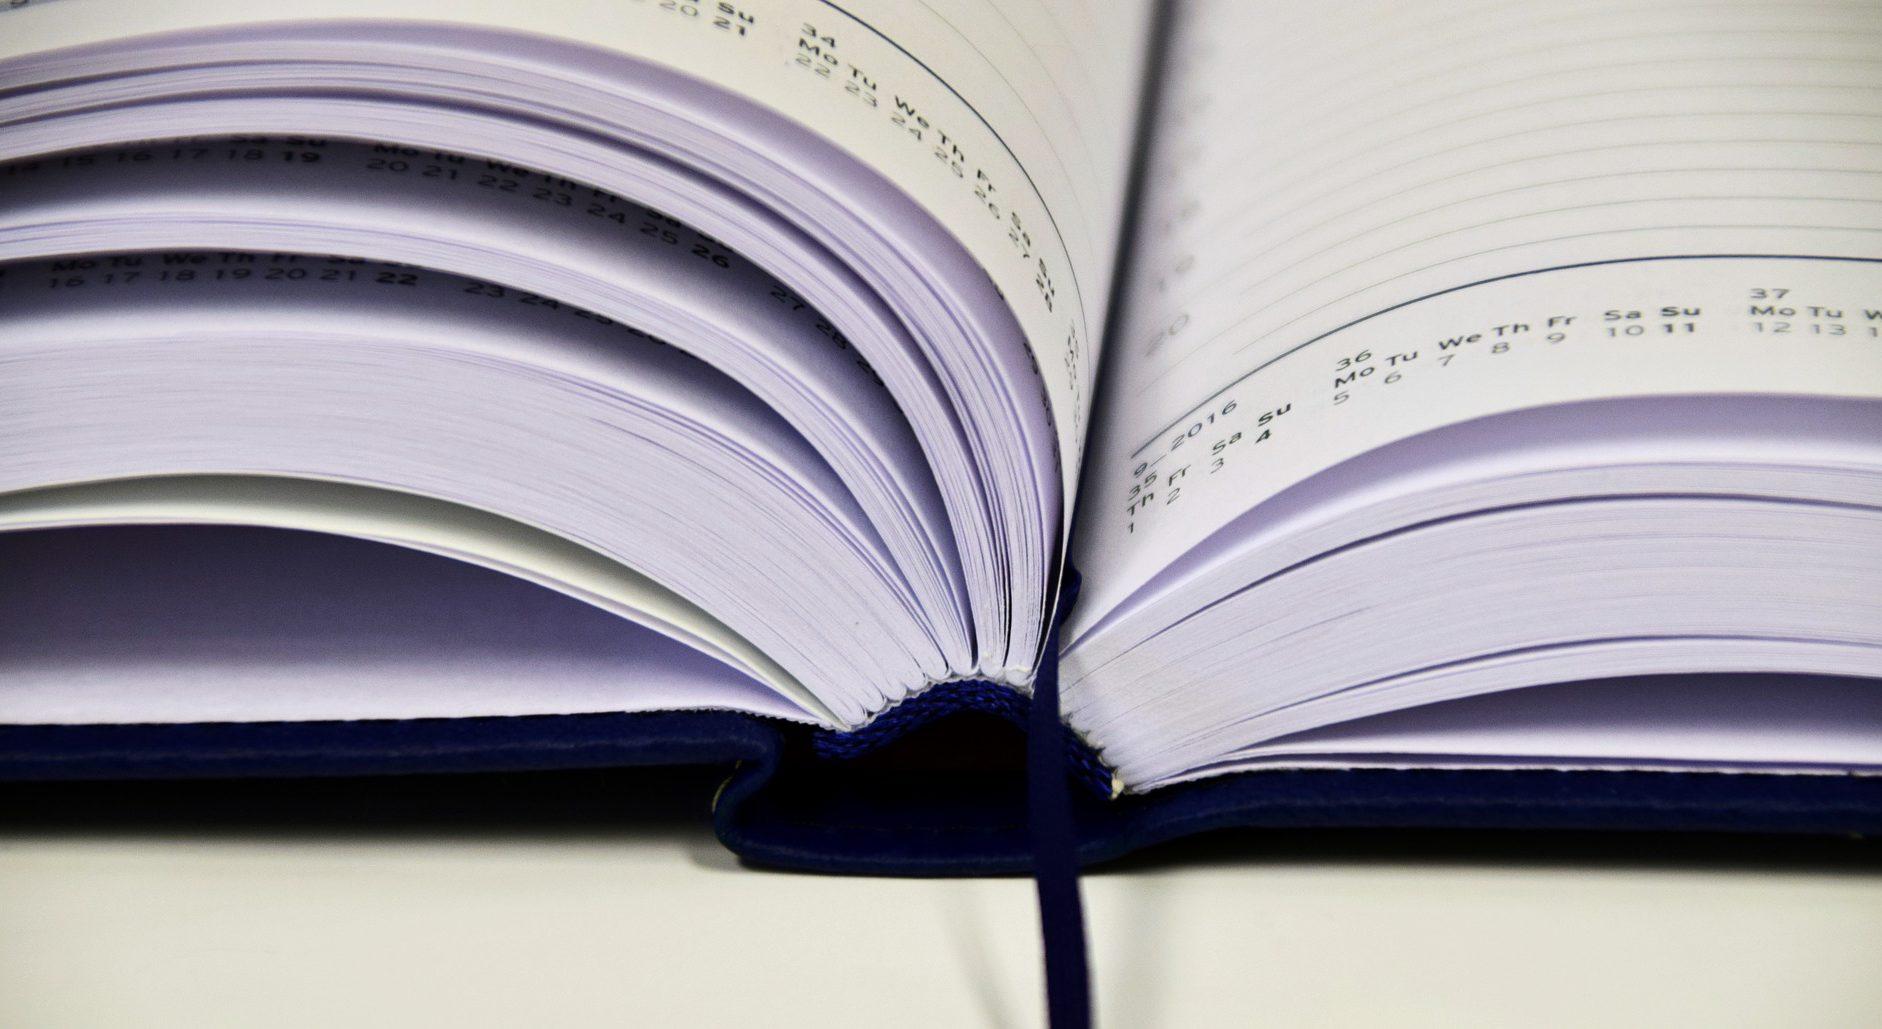 book-1945515_1920.jpg